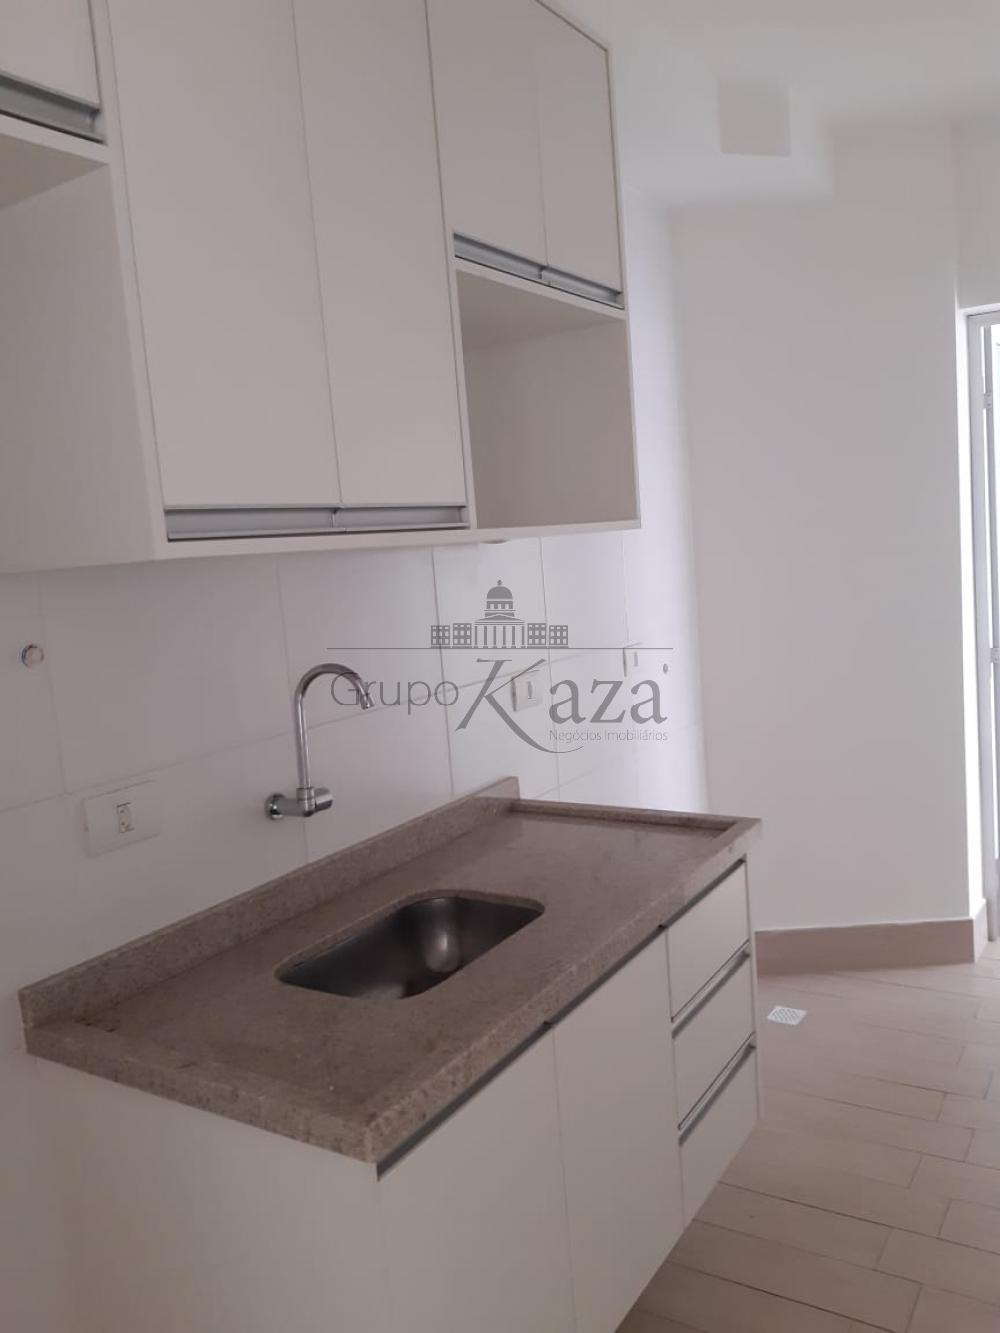 alt='Alugar Apartamento / Padrão em São José dos Campos R$ 2.400,00 - Foto 10' title='Alugar Apartamento / Padrão em São José dos Campos R$ 2.400,00 - Foto 10'